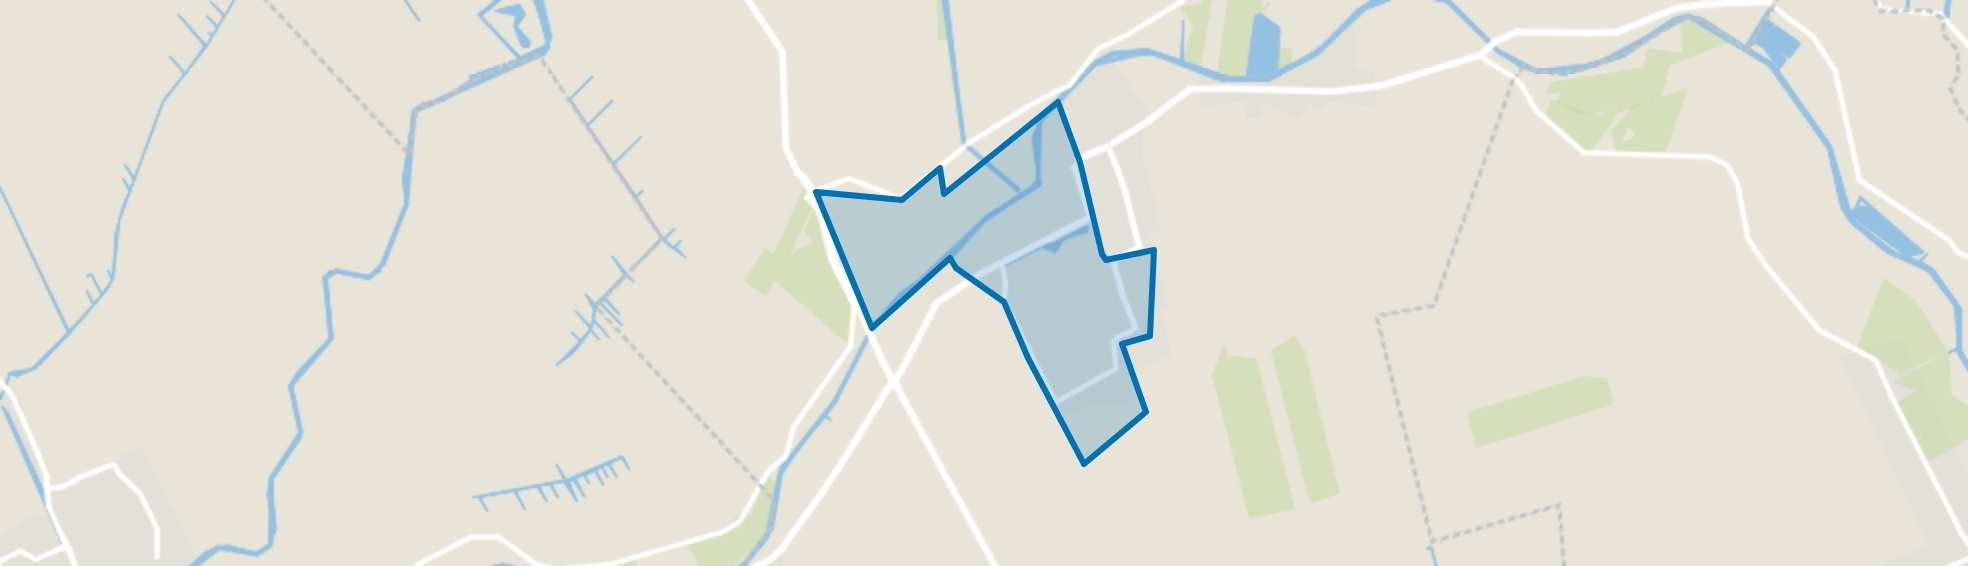 Montfoort, Montfoort map